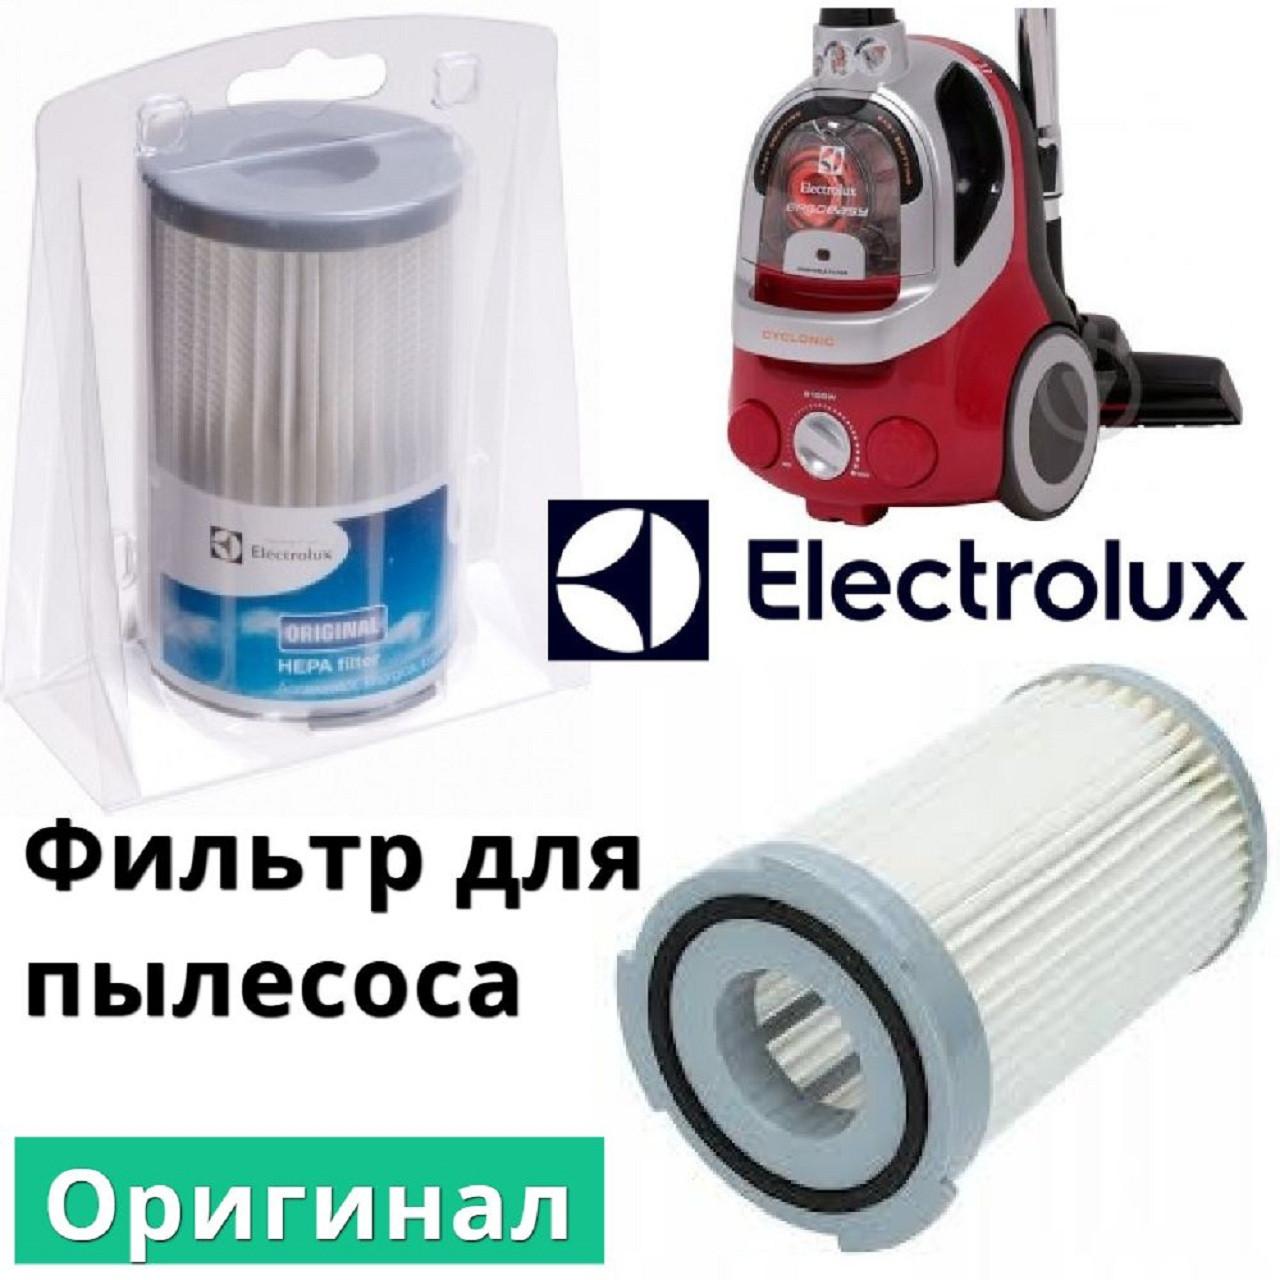 Electrolux Ergoeasy Cyclonic SL241G 2100w zti7610 - zti7650 hepa фільтр циліндричний EF75B для пилососів